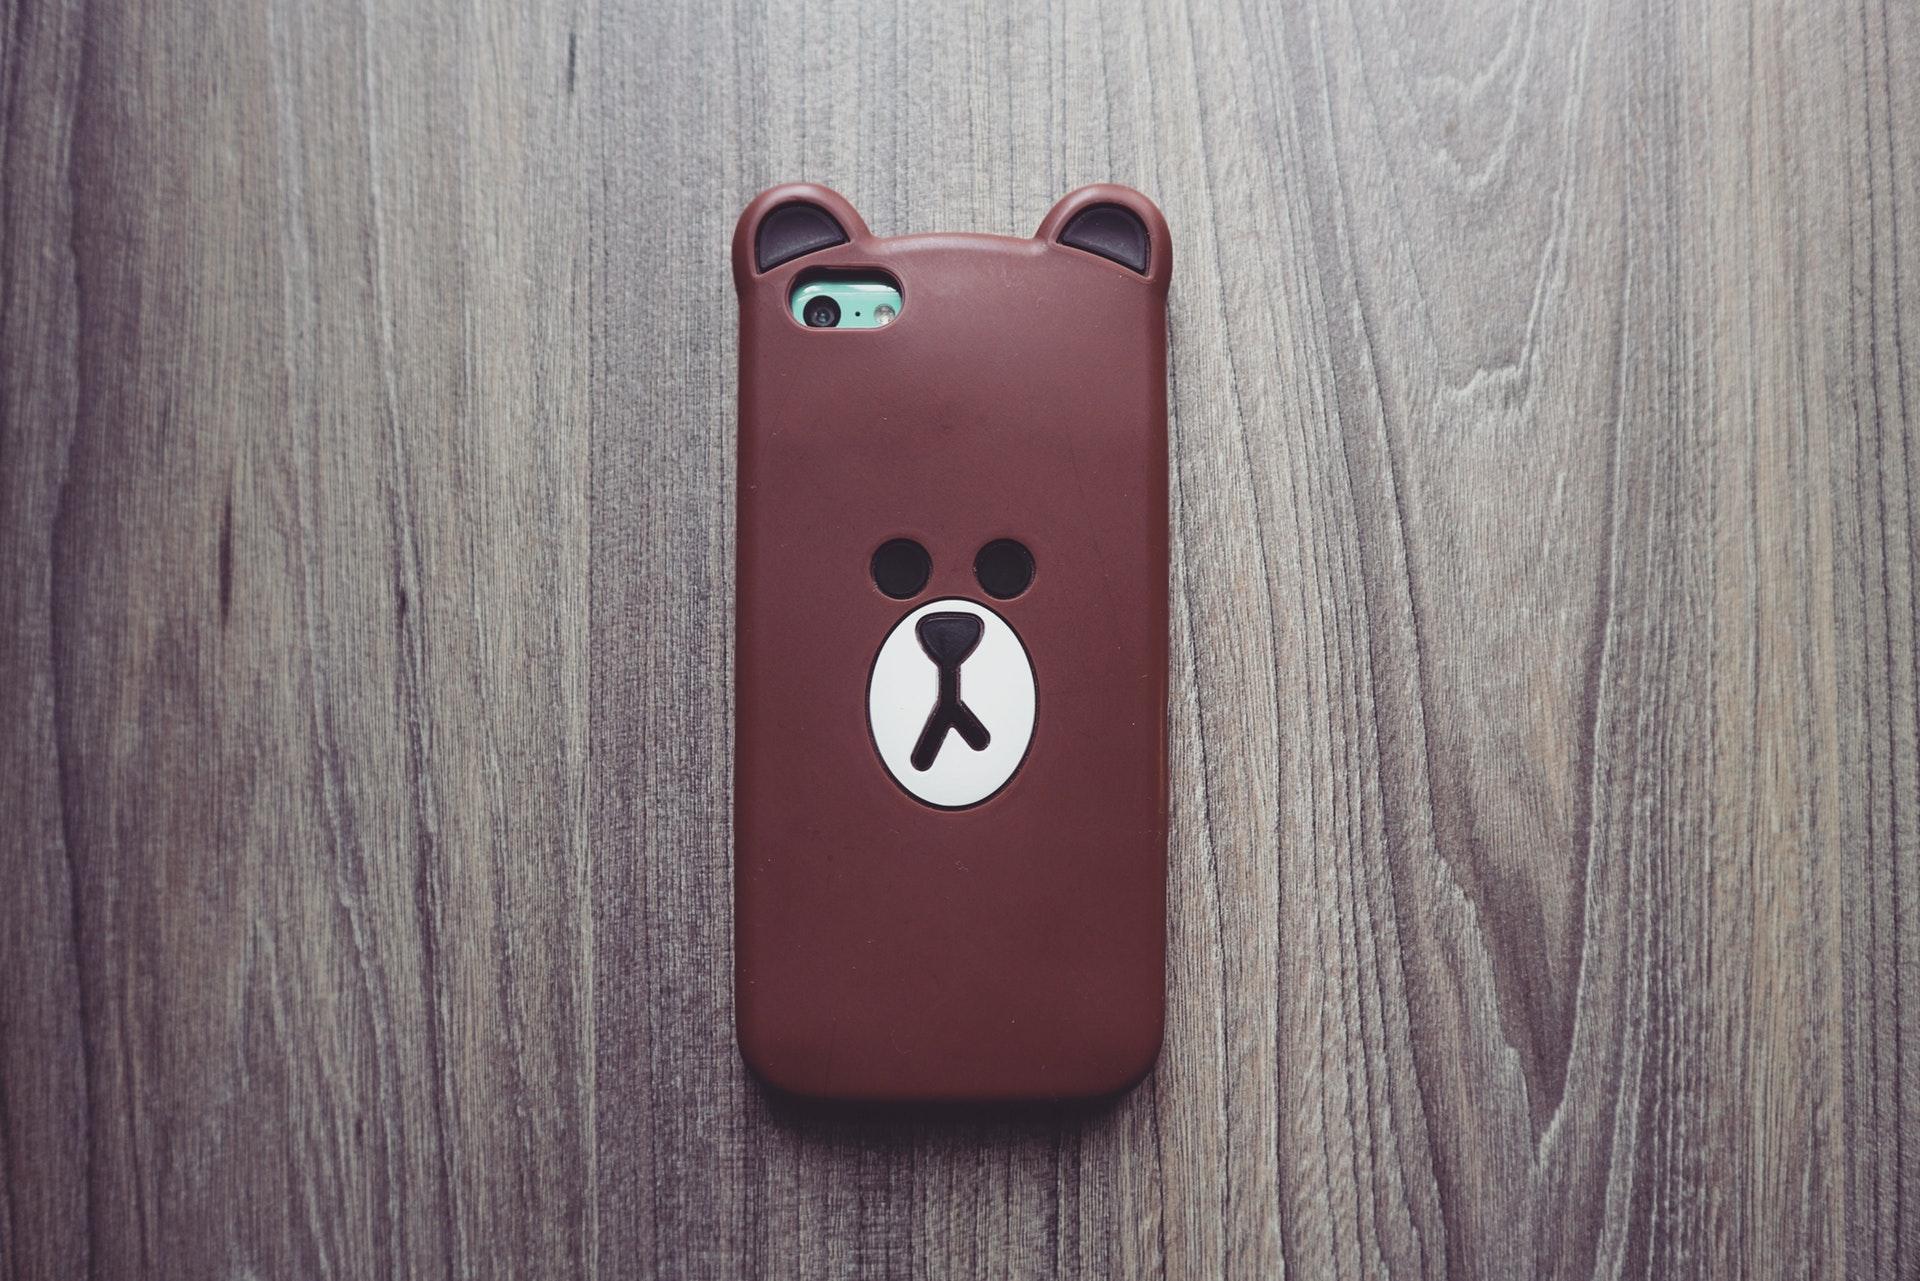 bf41c93811 iPhoneXのおすすめ人気ケース36選|可愛いおしゃれなケース | iPhone格安 ...